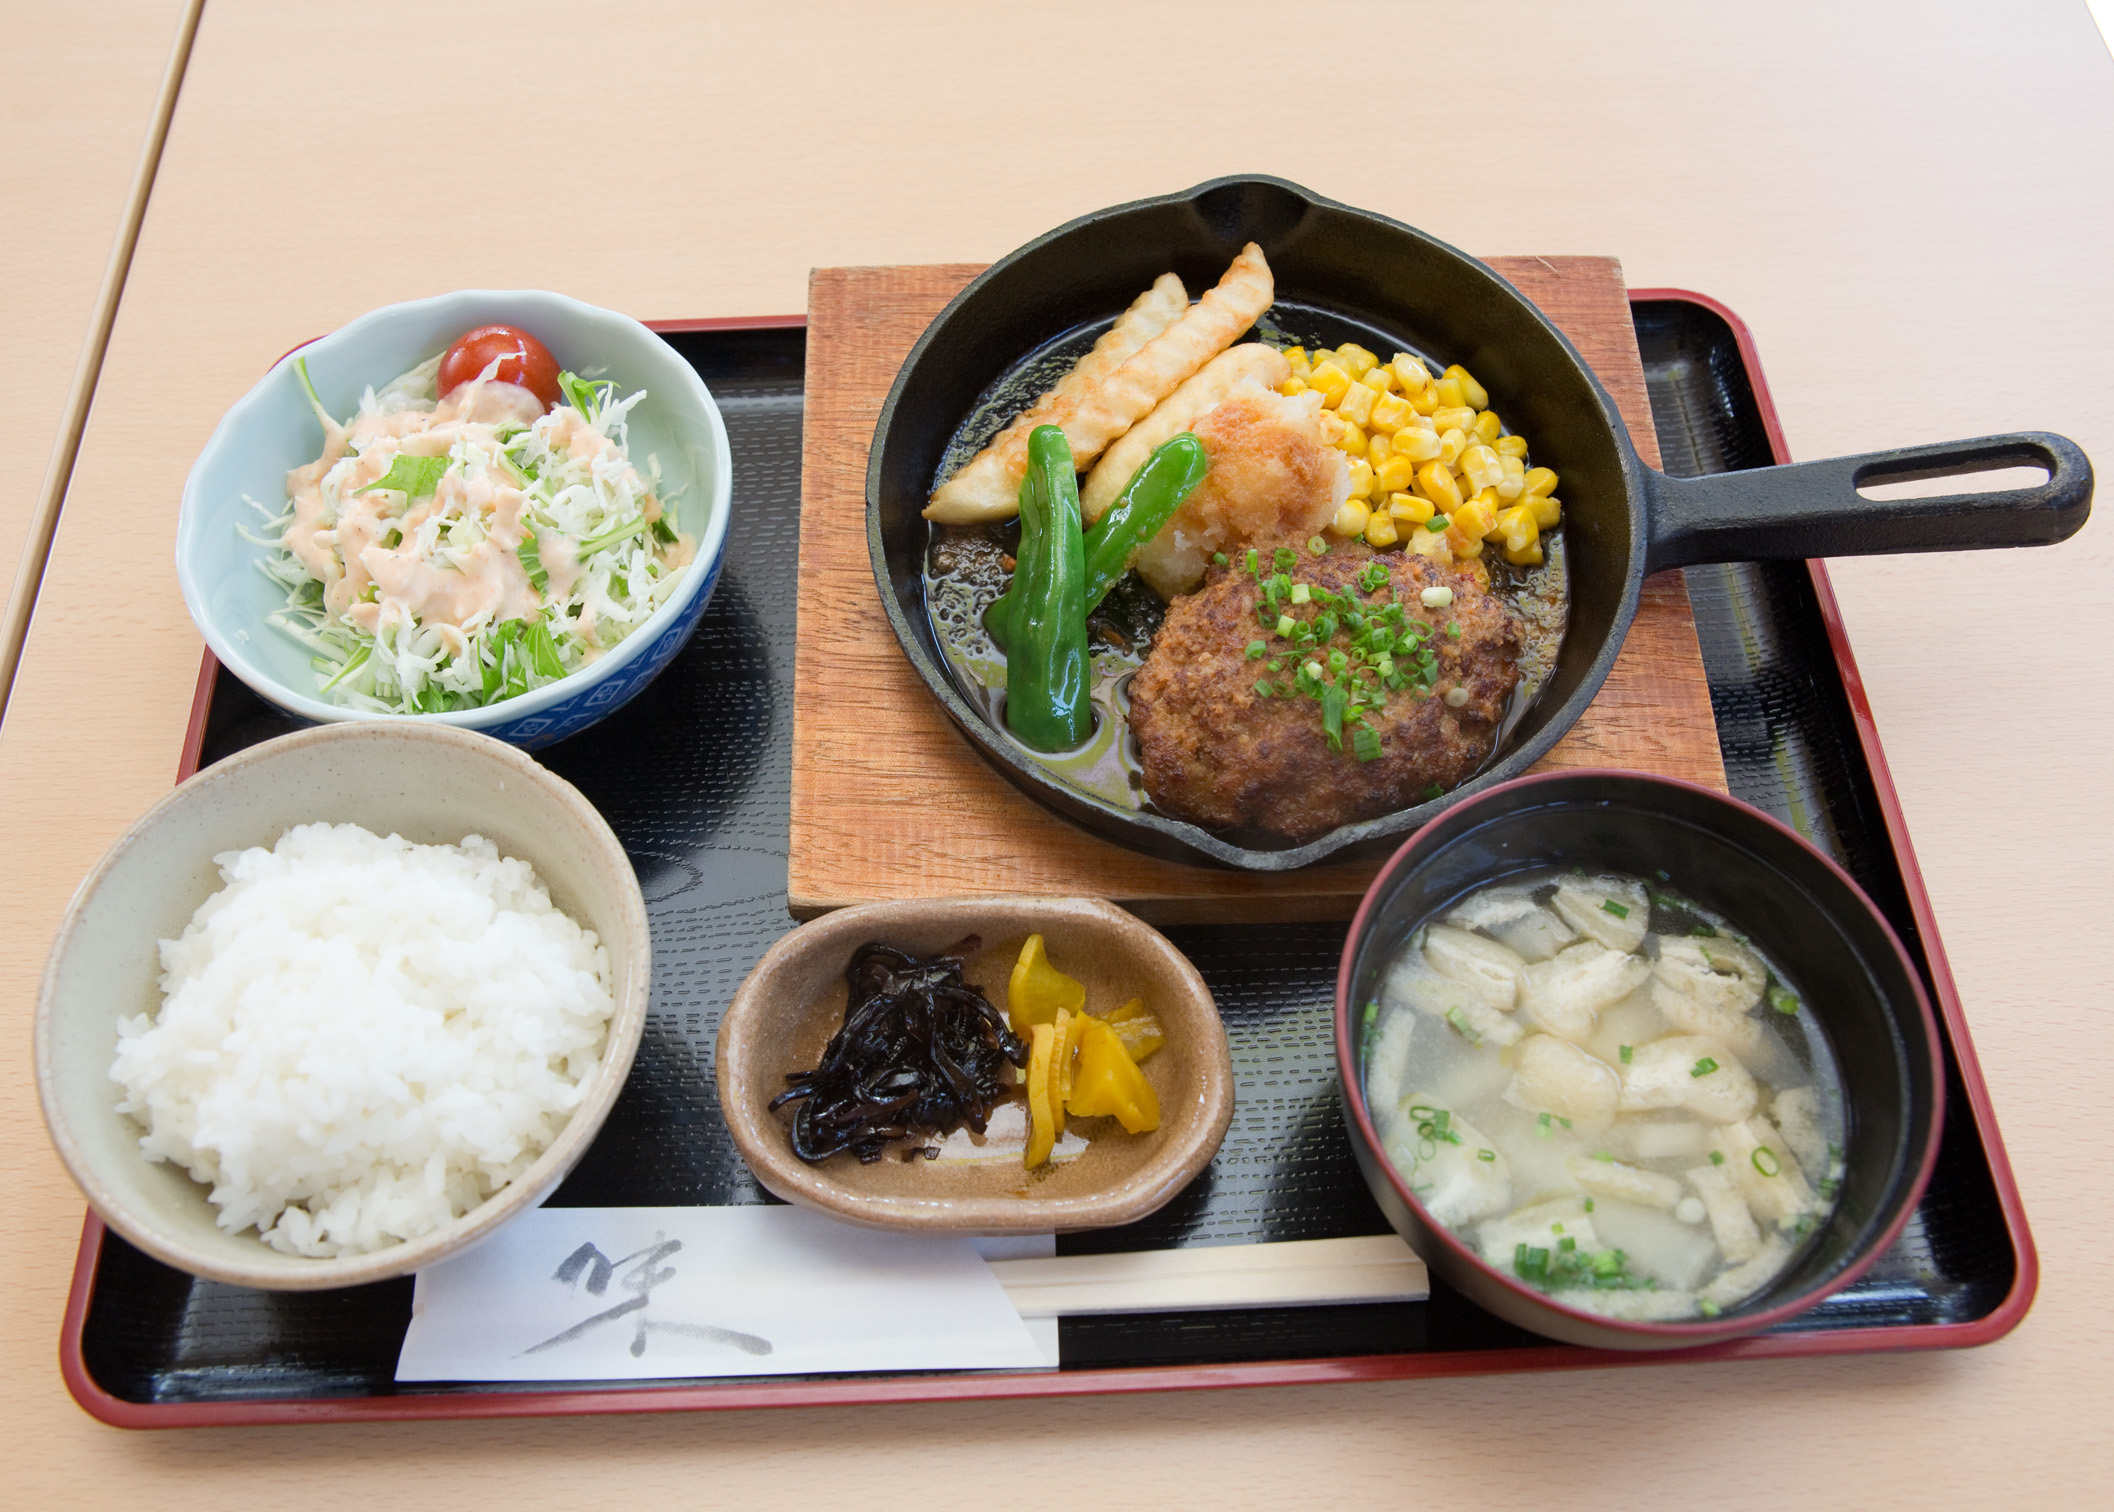 毎週変わる金曜日限定のサービス定食。旬の食材を使い普段の日替わり定食よりスペシャルな内容です。